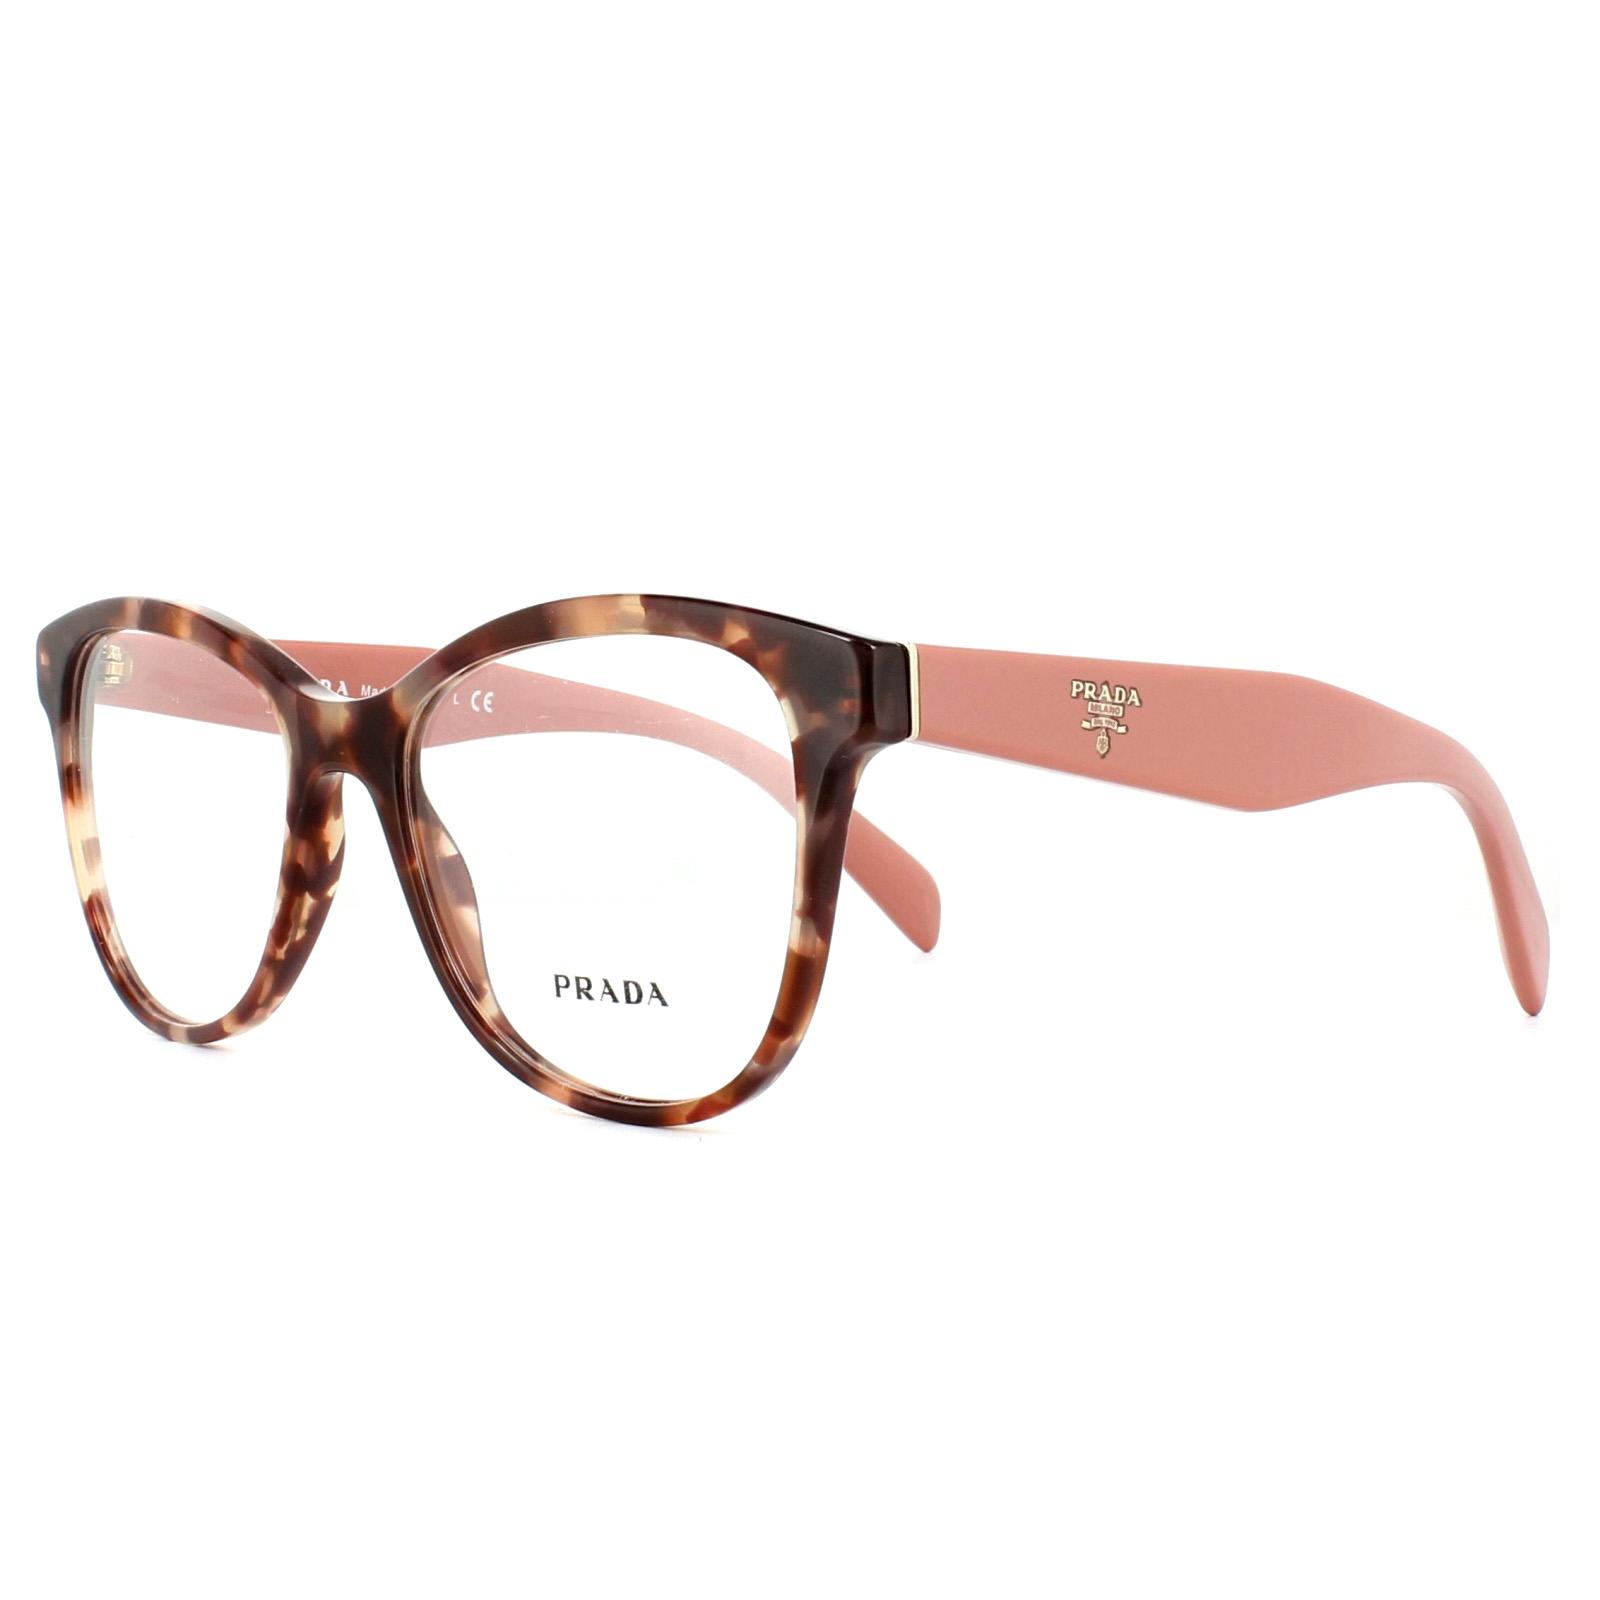 7dc9faf698 Details about Prada Glasses Frames PR12TV UE01O1 Pink Havana 53mm Womens